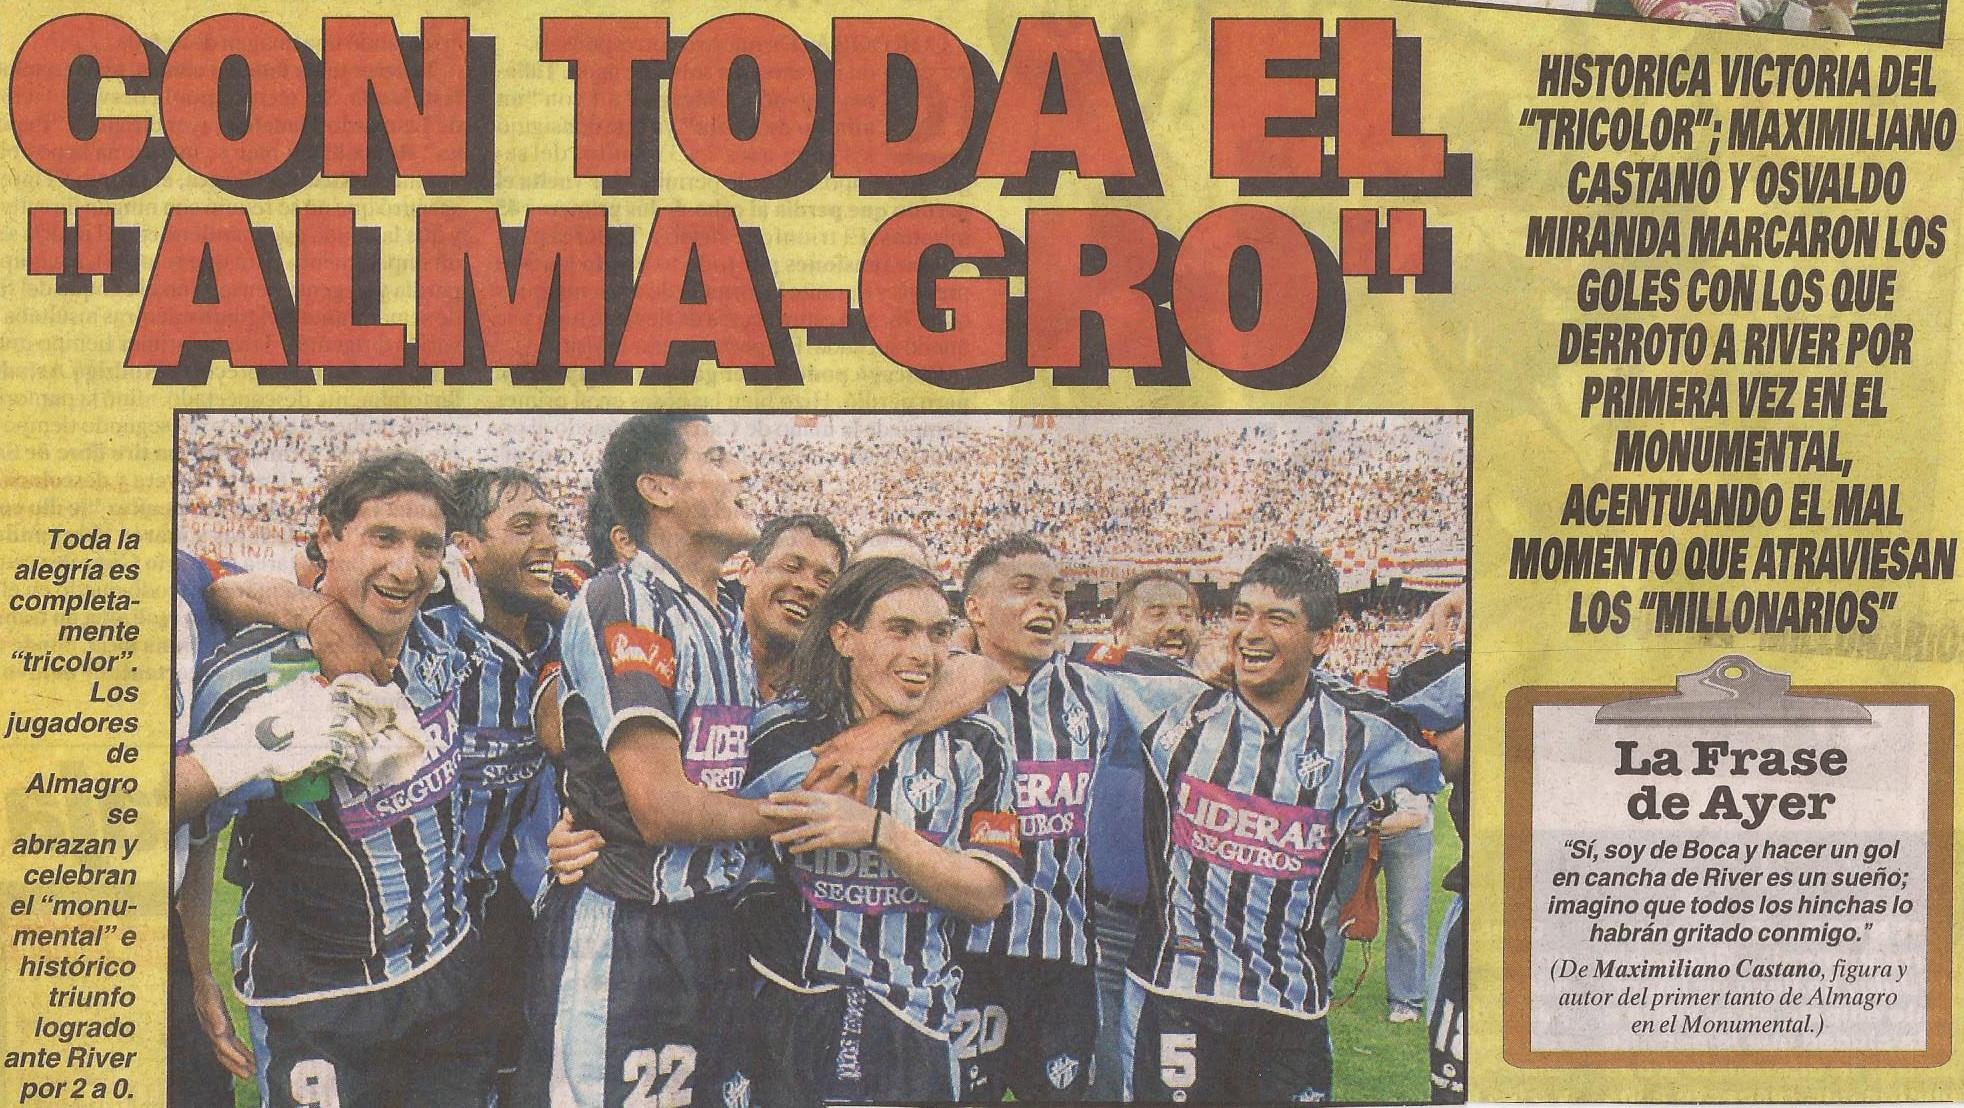 2004-05 Primera Division - River Plate vs Almagro - Diario Cronica